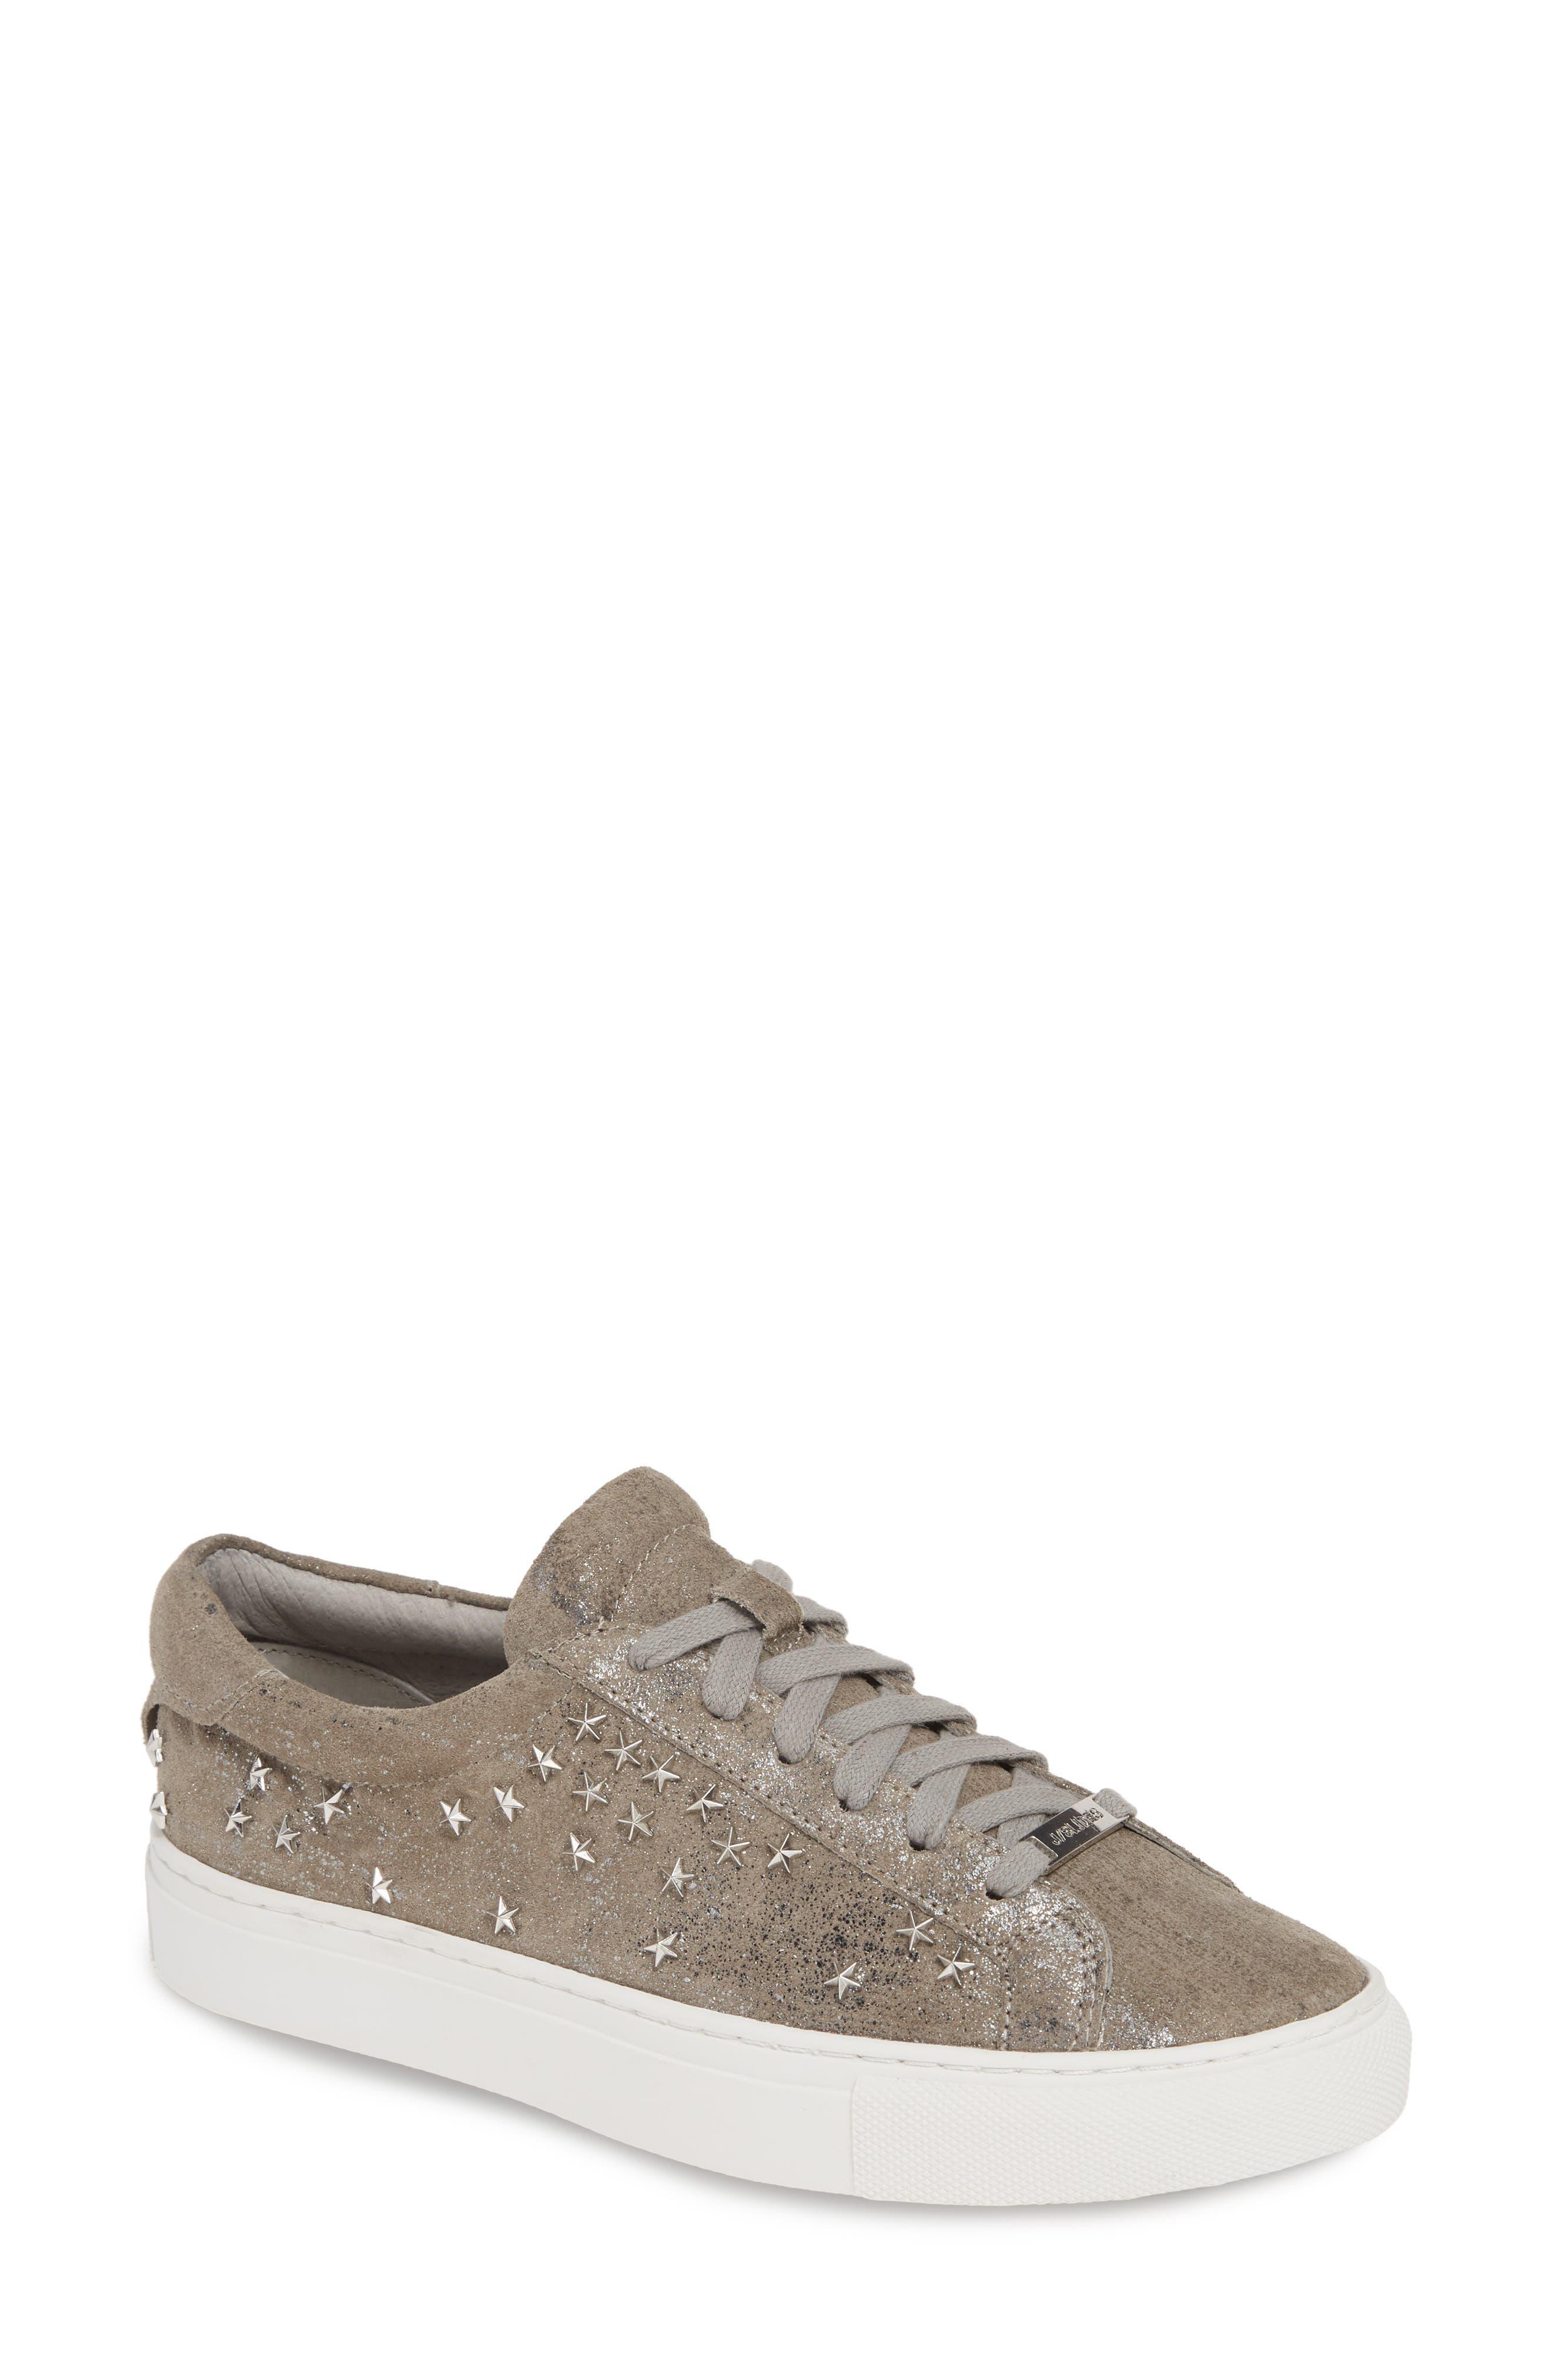 Jslides Liberty Sneaker, Grey